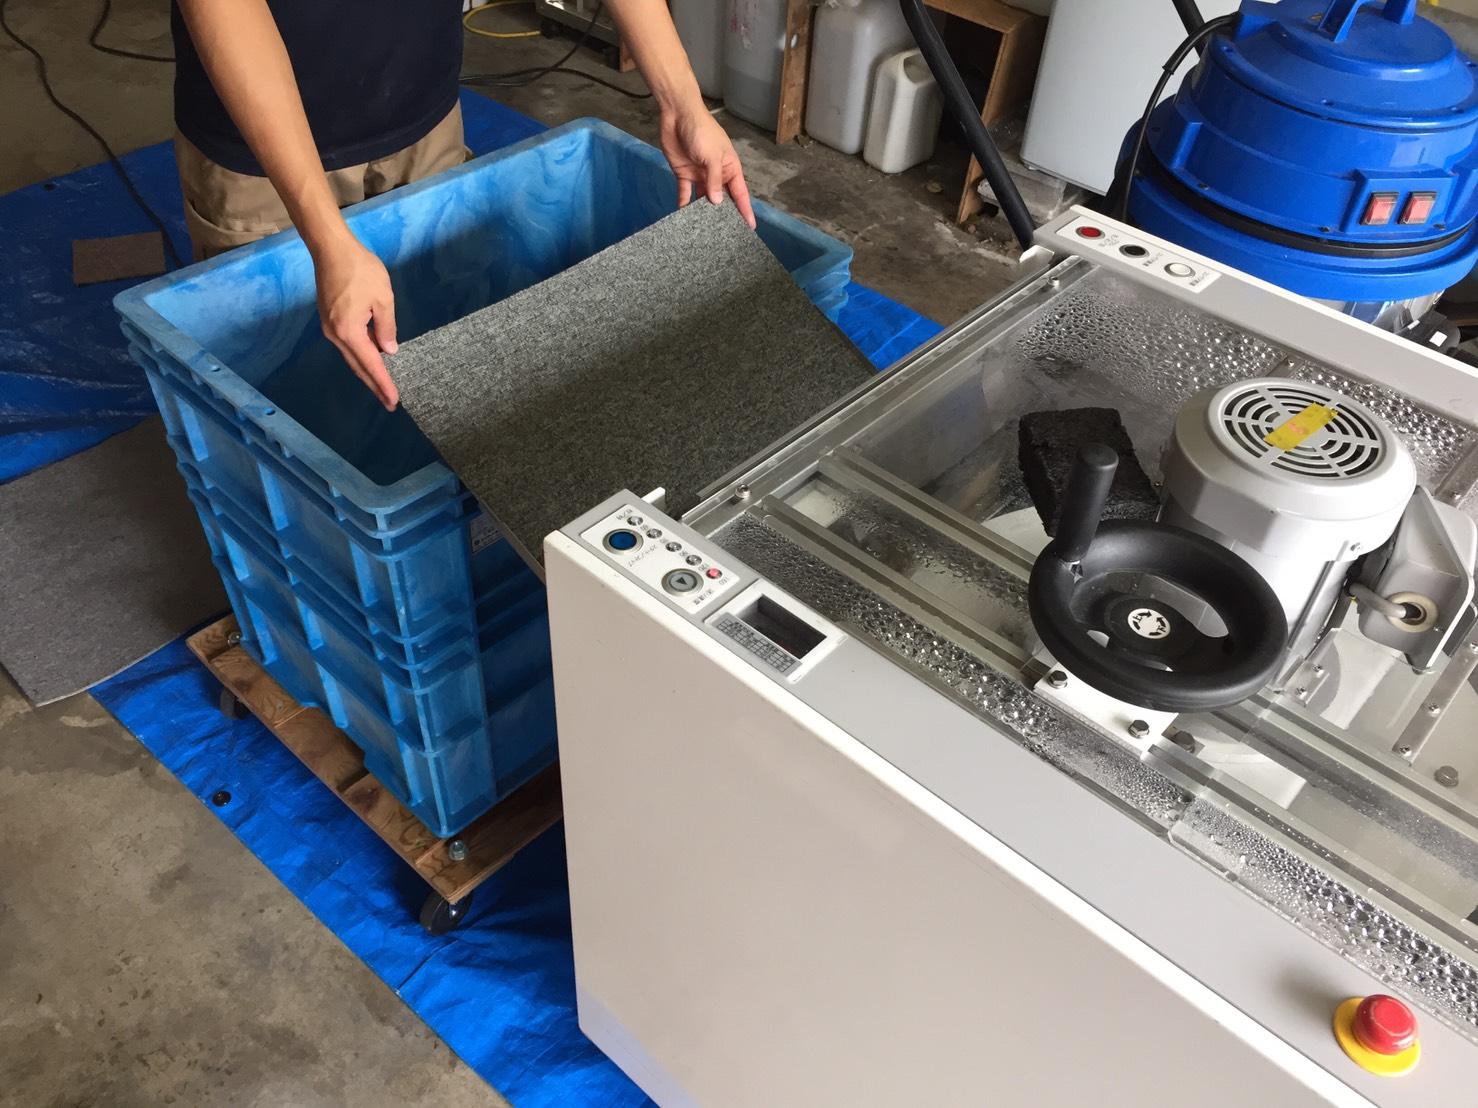 「低CO₂川崎ブランド」 大賞は中原区の2社「タイルカーペット洗浄」と「トレーラーハウス」